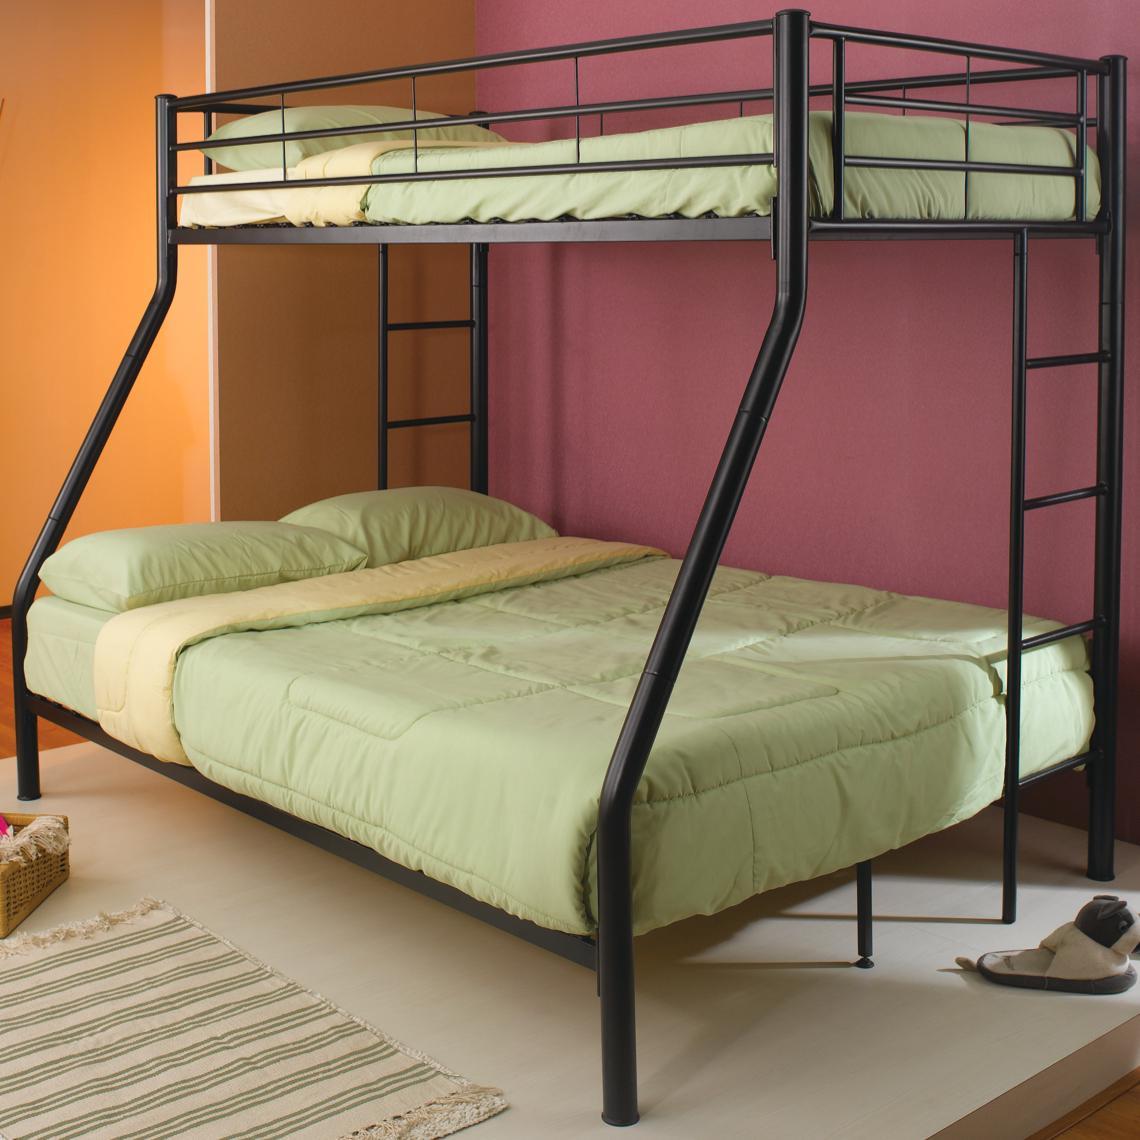 Dakota Direct Furniture Metal Bunk Beds